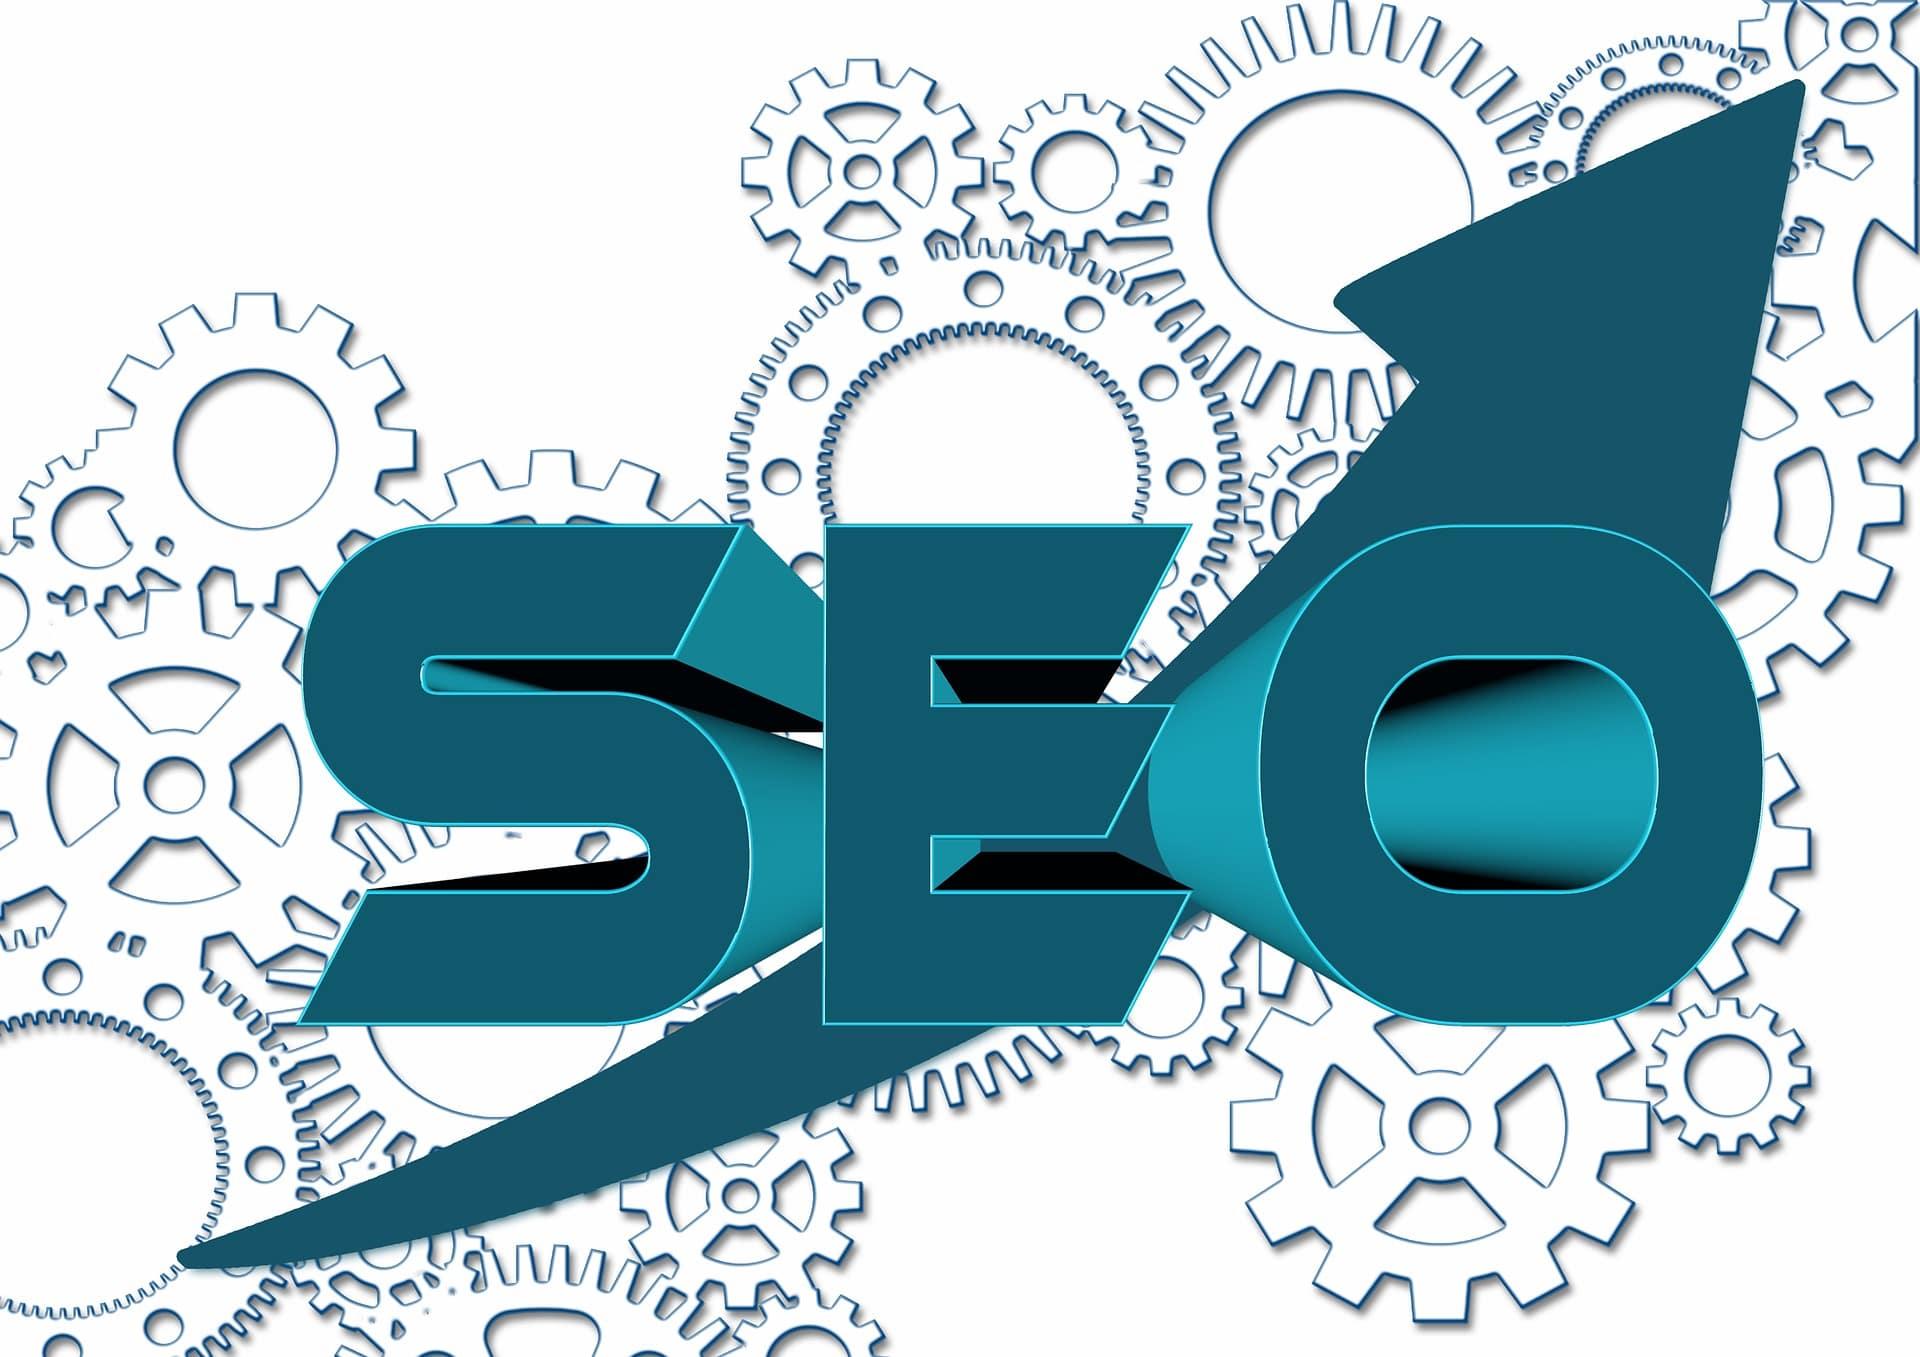 Jak wybrać agencję SEO do pozycjonowania strony?